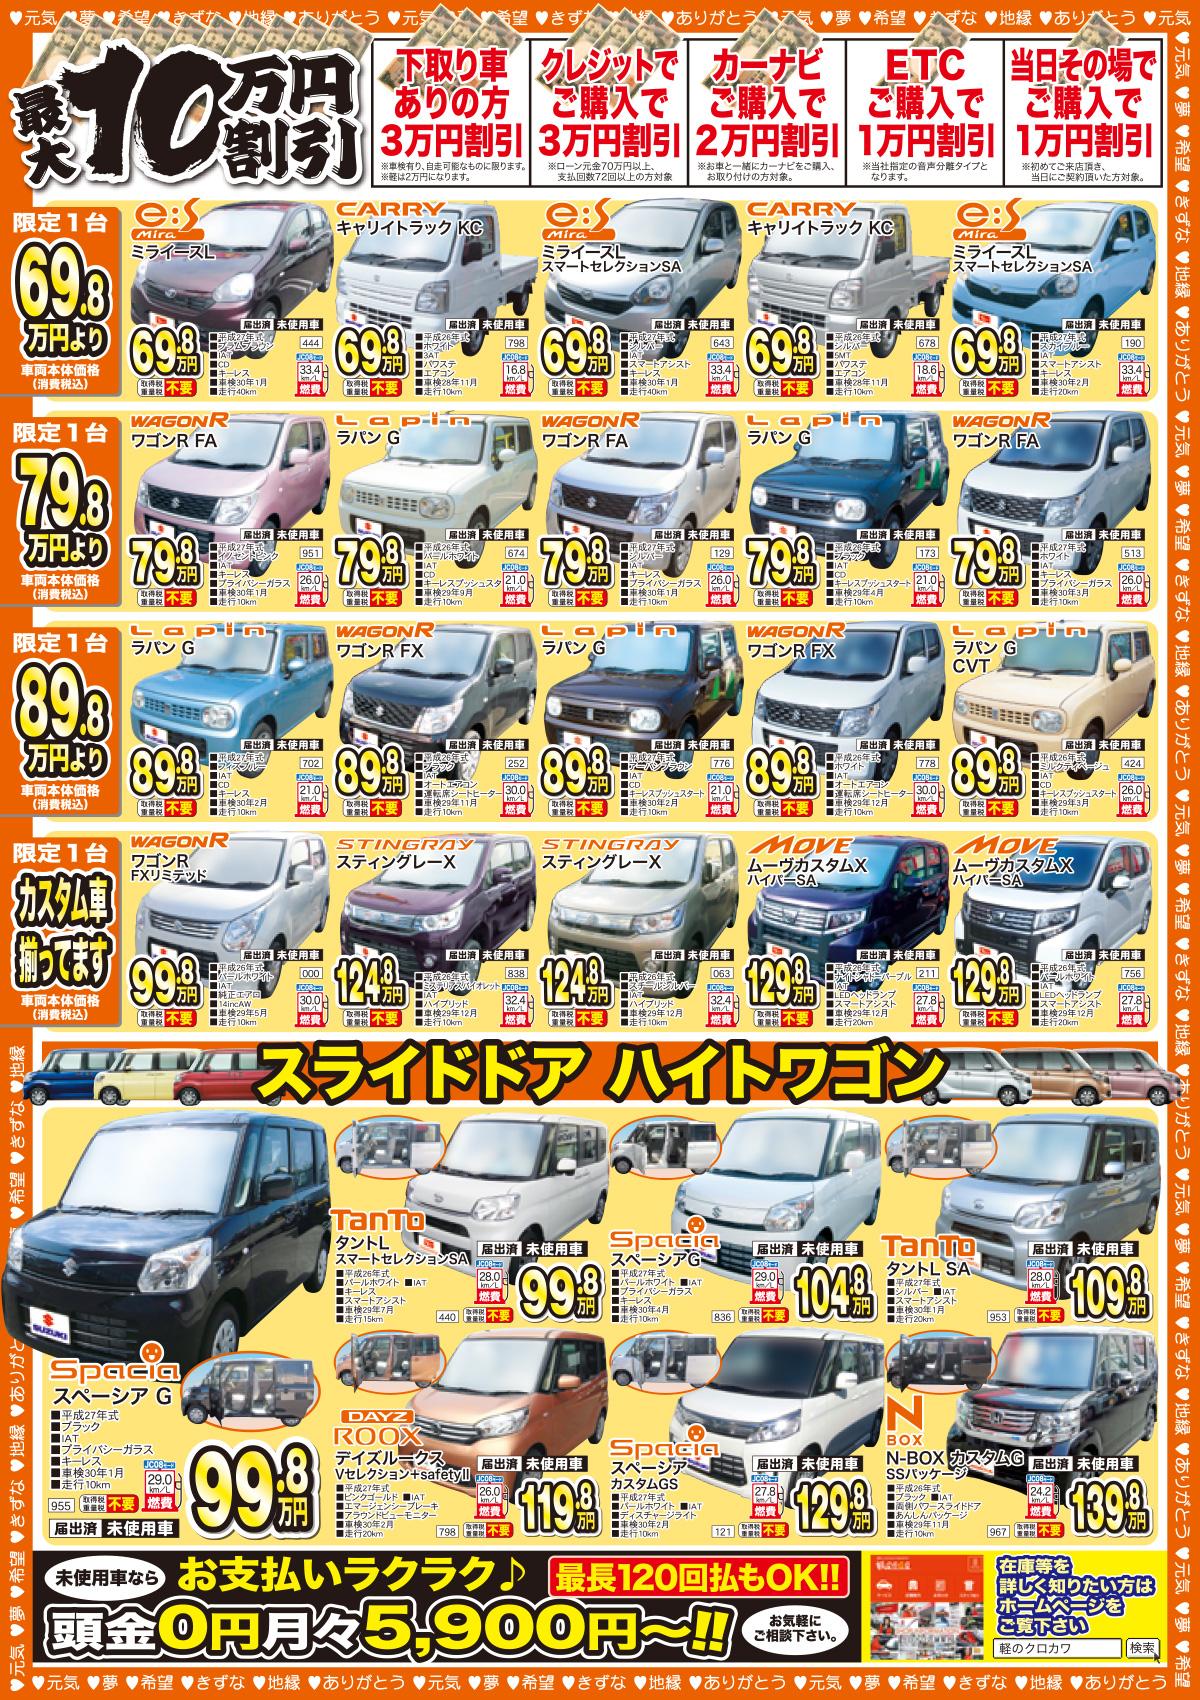 最大10万円割引!軽新車・未使用車専門店クロカワ